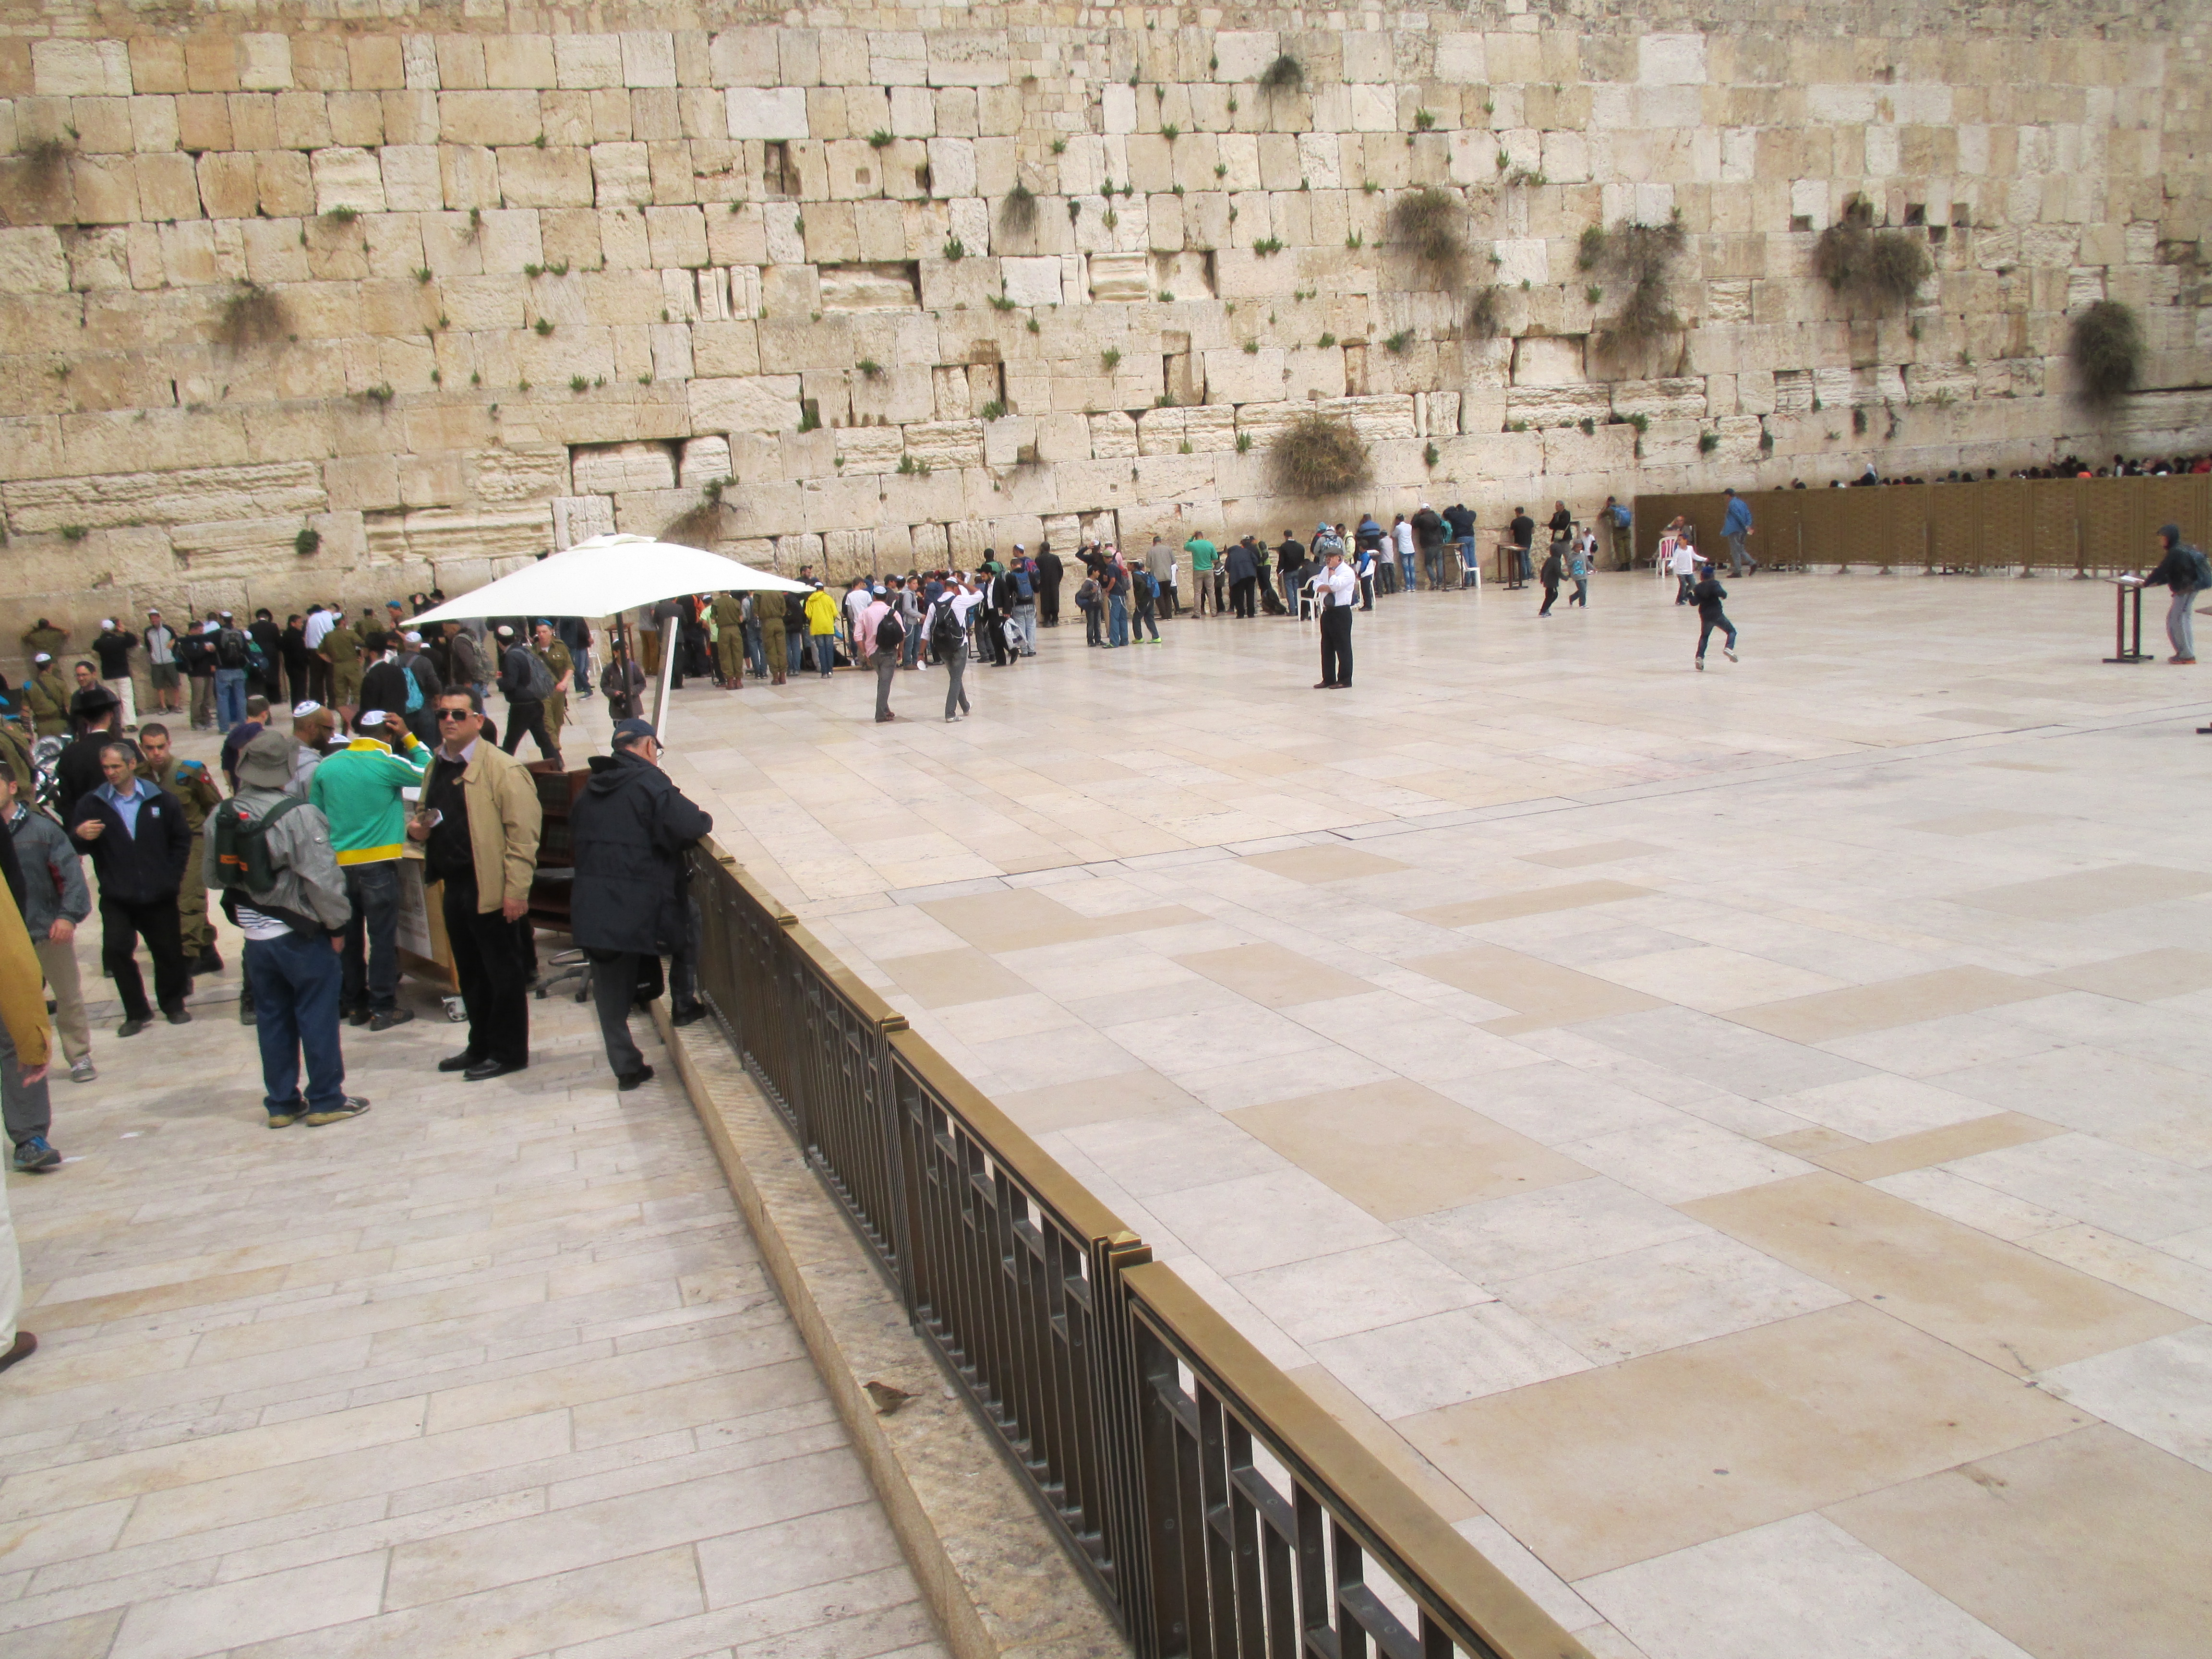 Plo forslag om ostra jerusalem